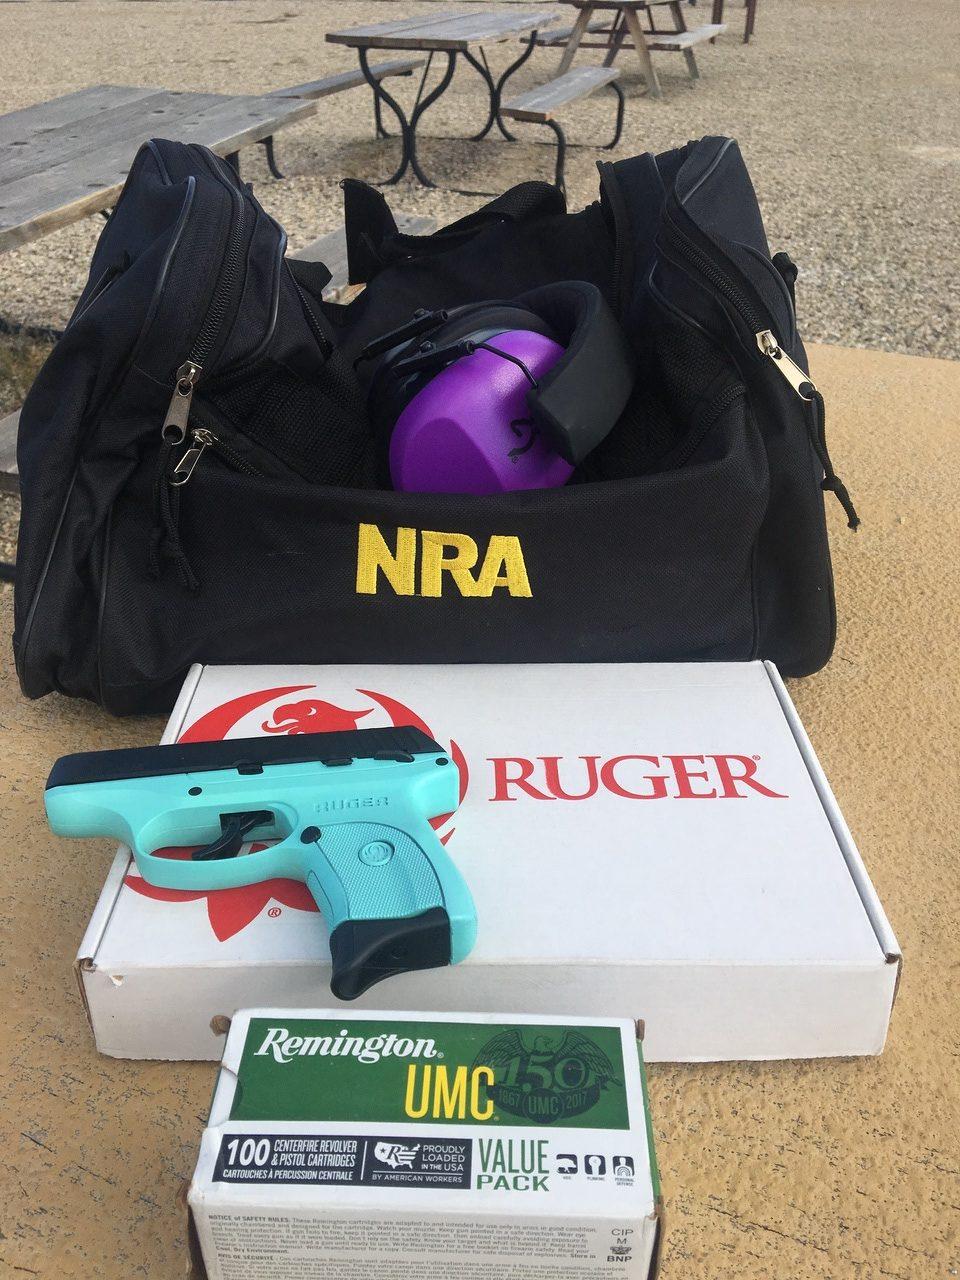 Range Day Ruger